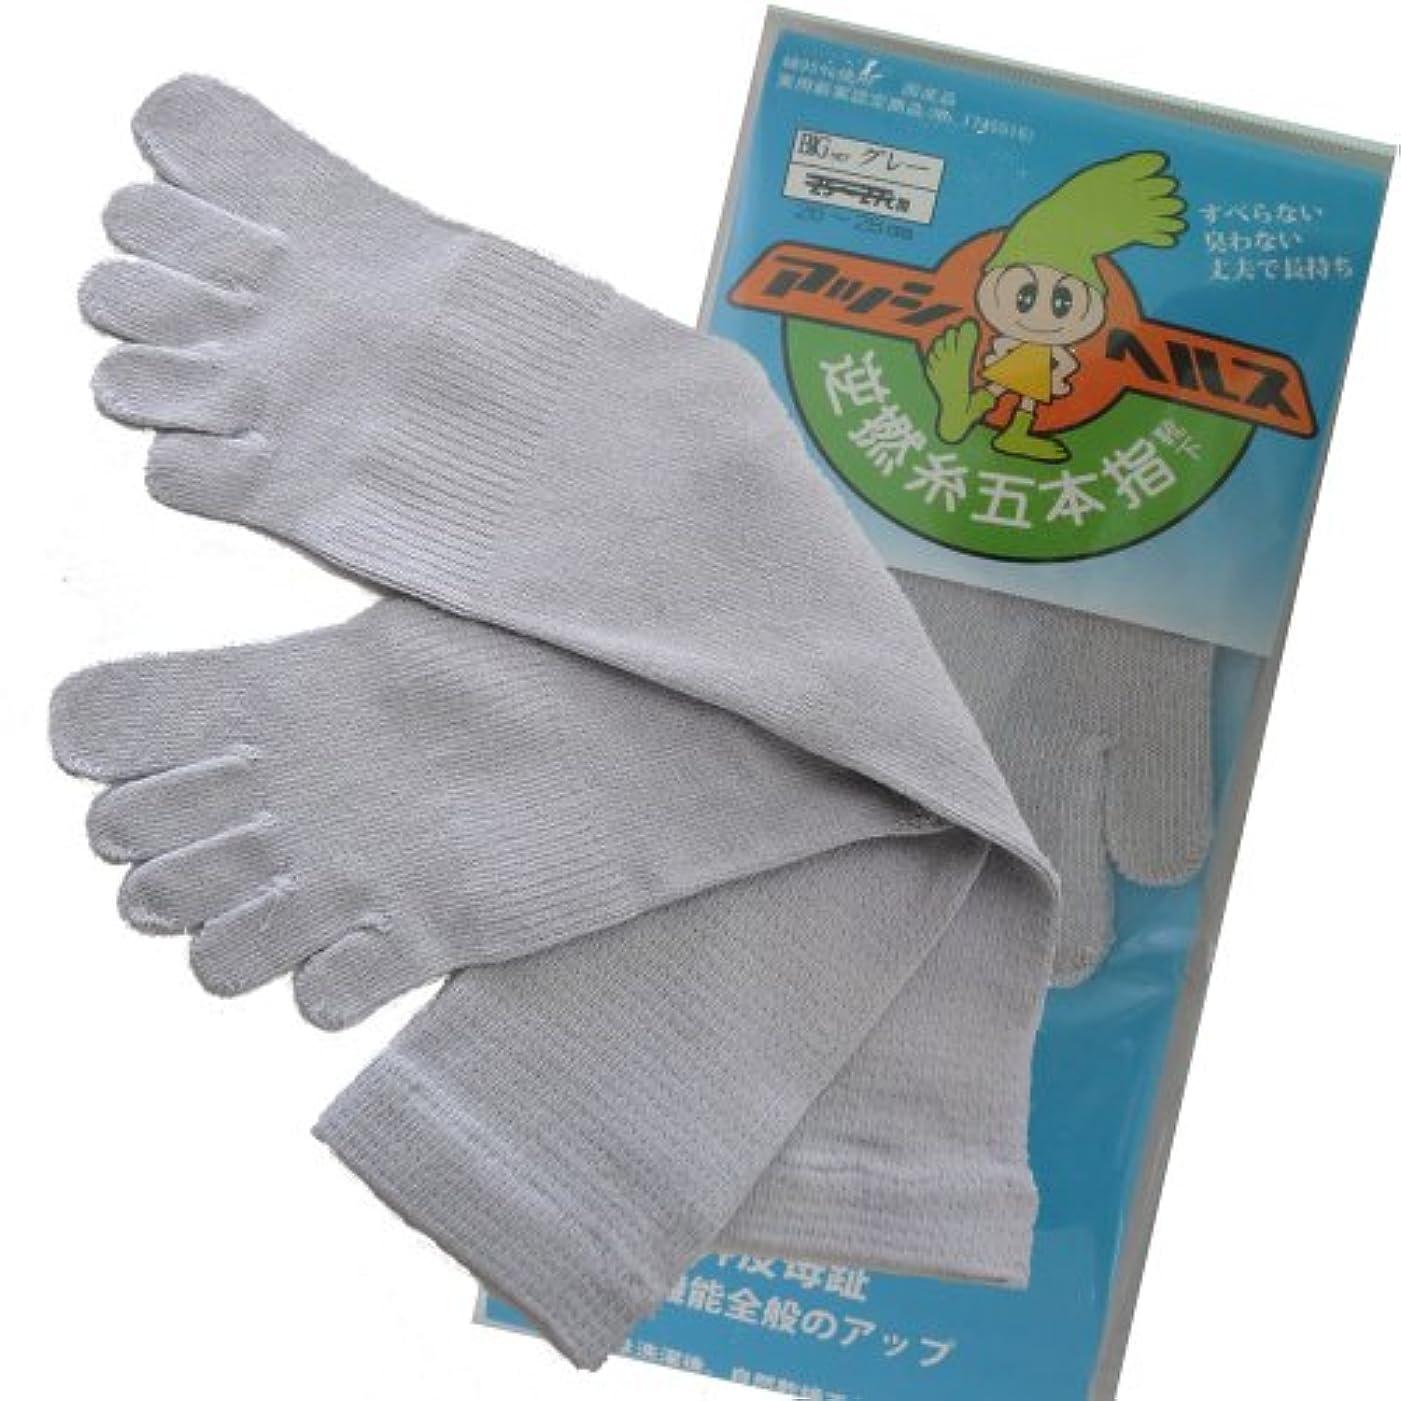 蘇生する自発けん引アッシヘルス 逆撚糸5本指靴下 かかと付き 男性用 AA26~28cm BIG (グレー)